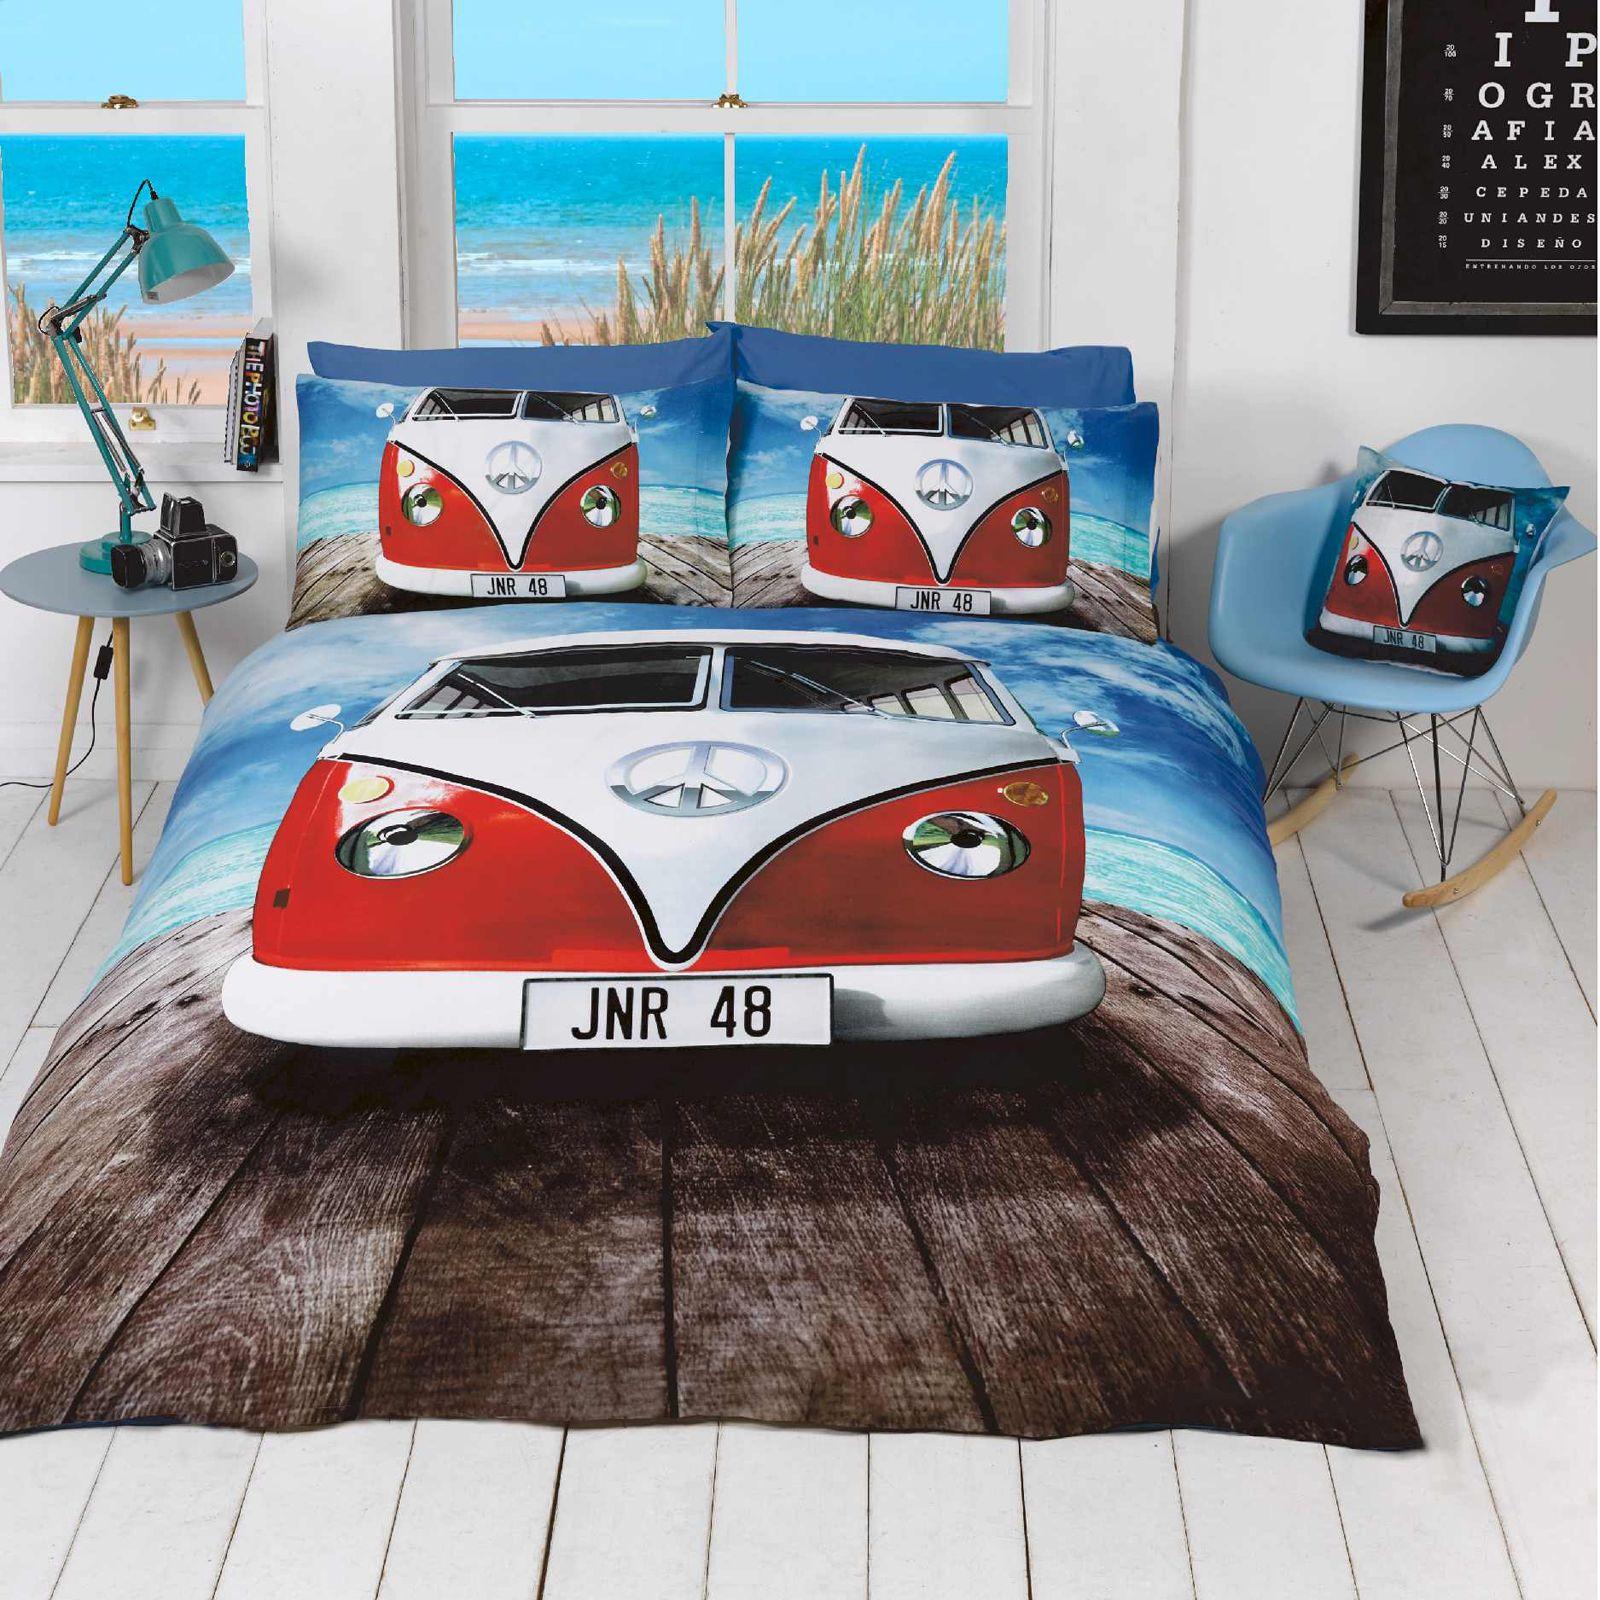 Vw Volkswagen Campervan Duvet Cover Sets Retro Car Bedding